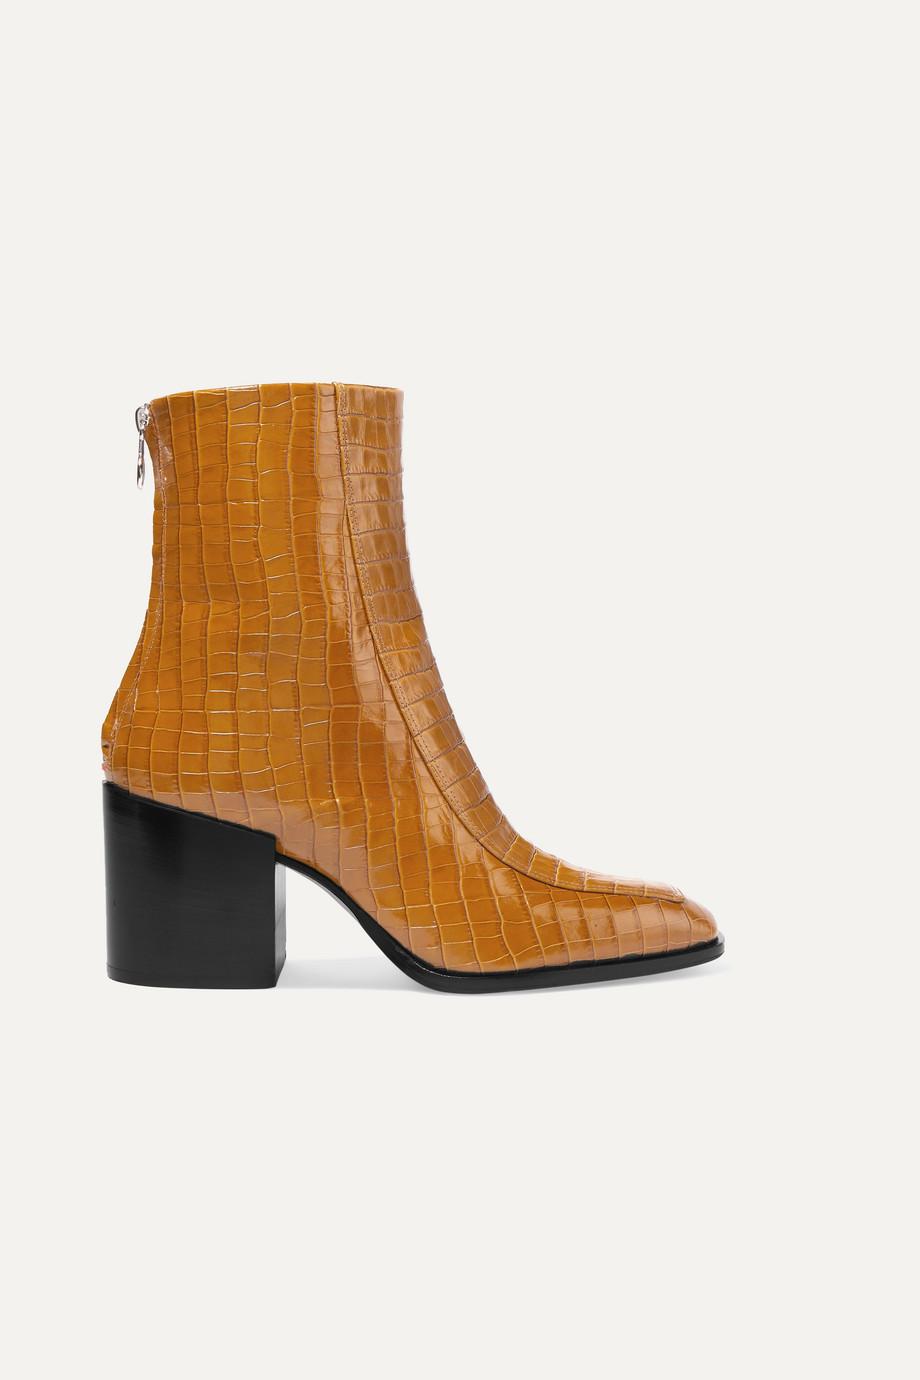 aeyde Lidia Stiefel aus Glanzleder mit Krokodileffekt